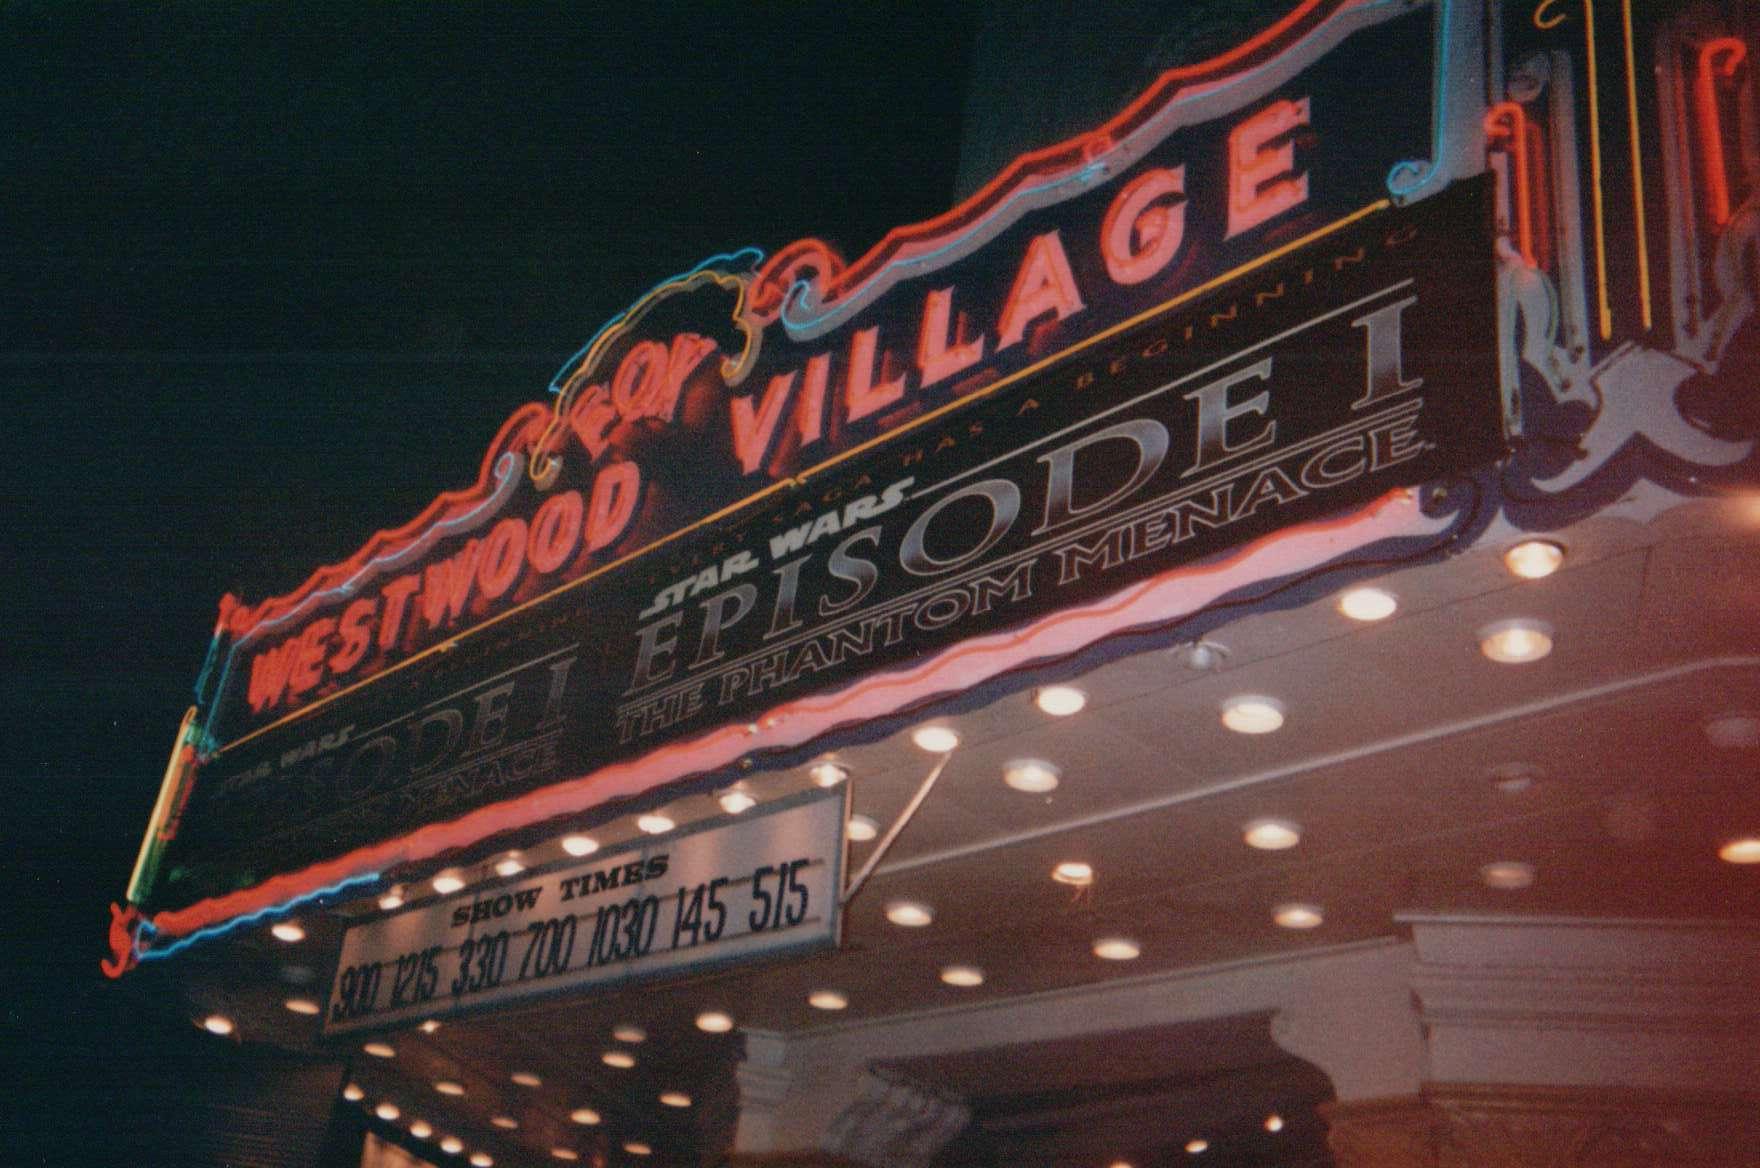 Westood Village Marquee - Courtesy of Brennan Swain